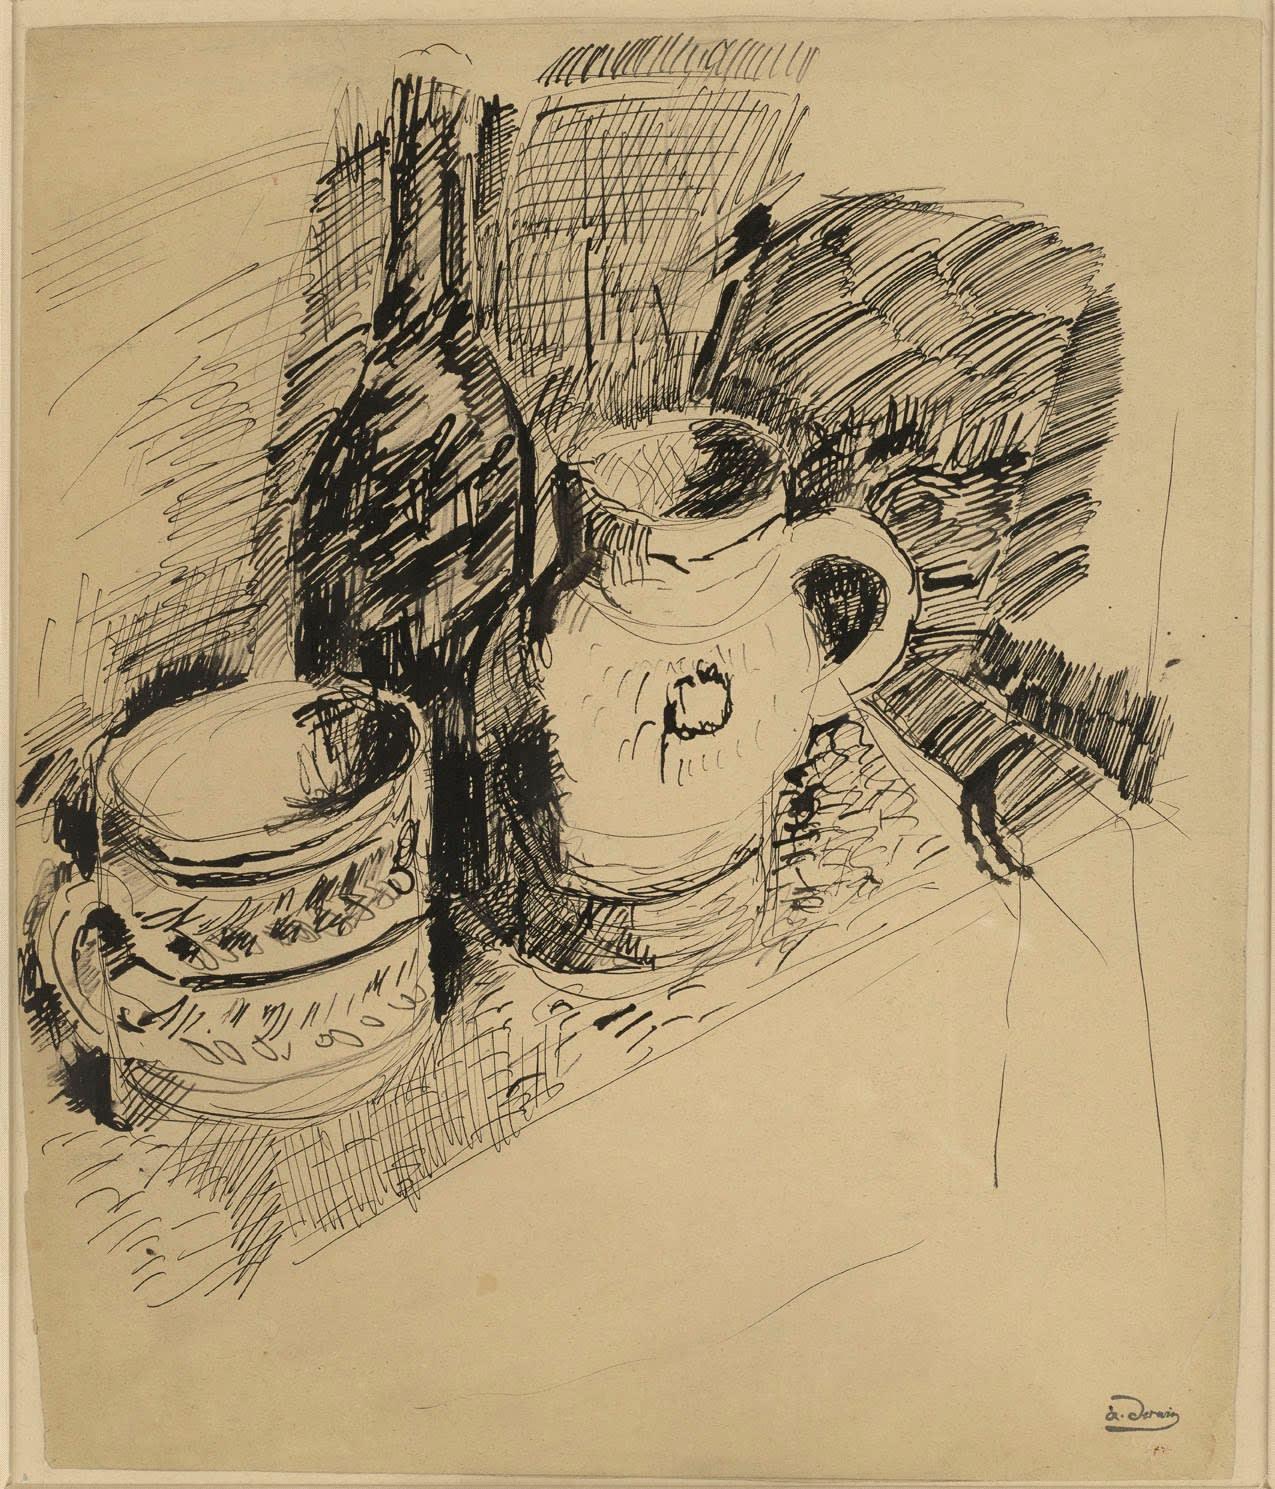 André Derain, Nature morte, c. 1904